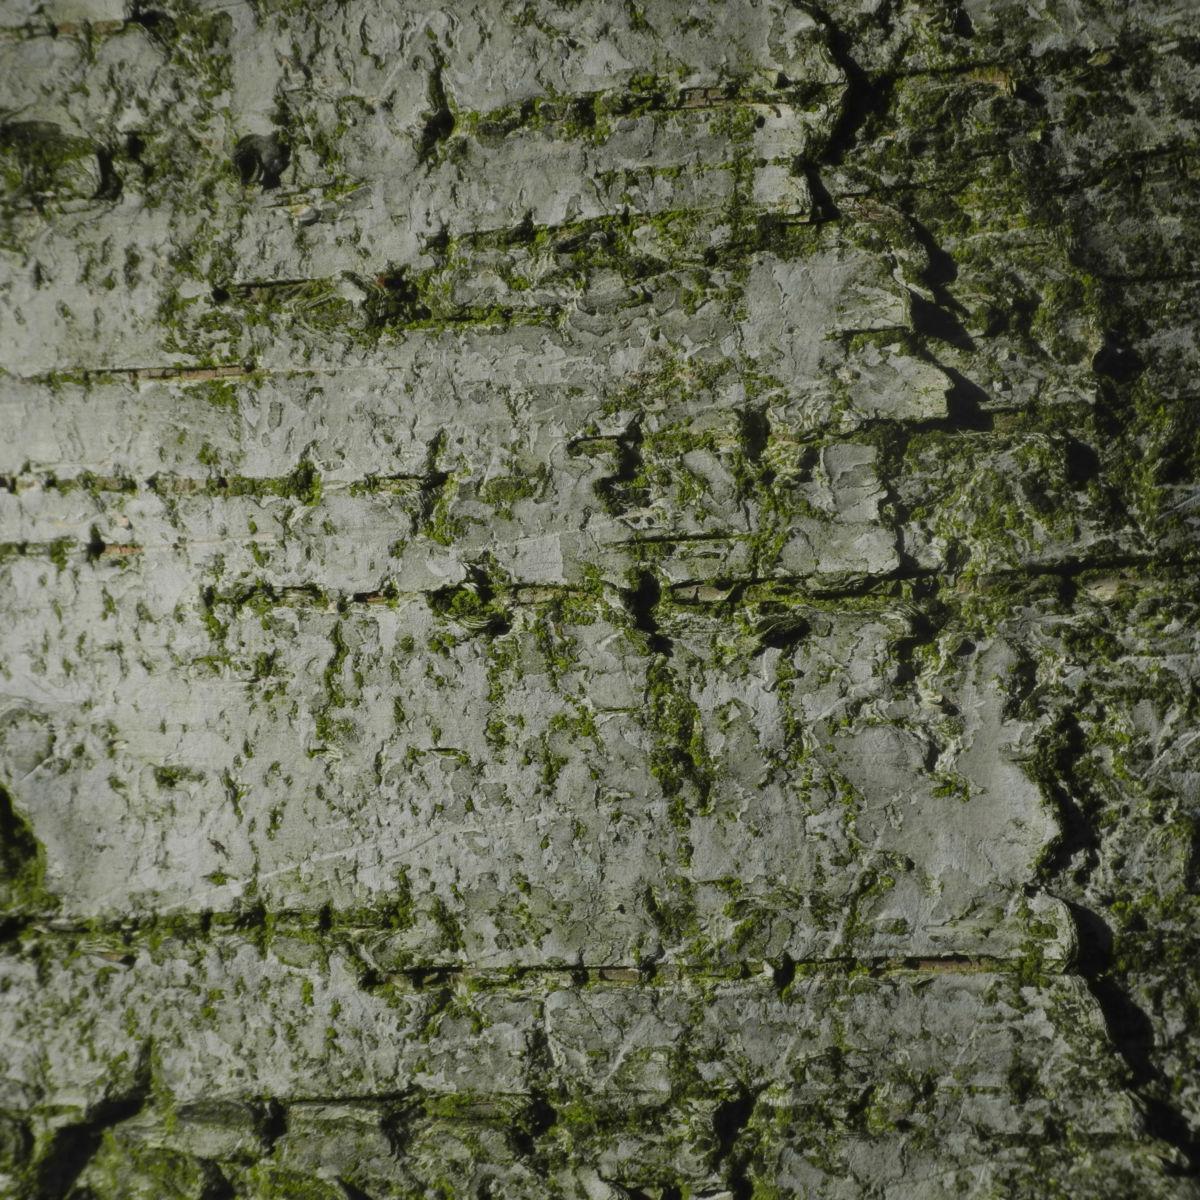 Haenge Birke Rinde weiss Betula pendula